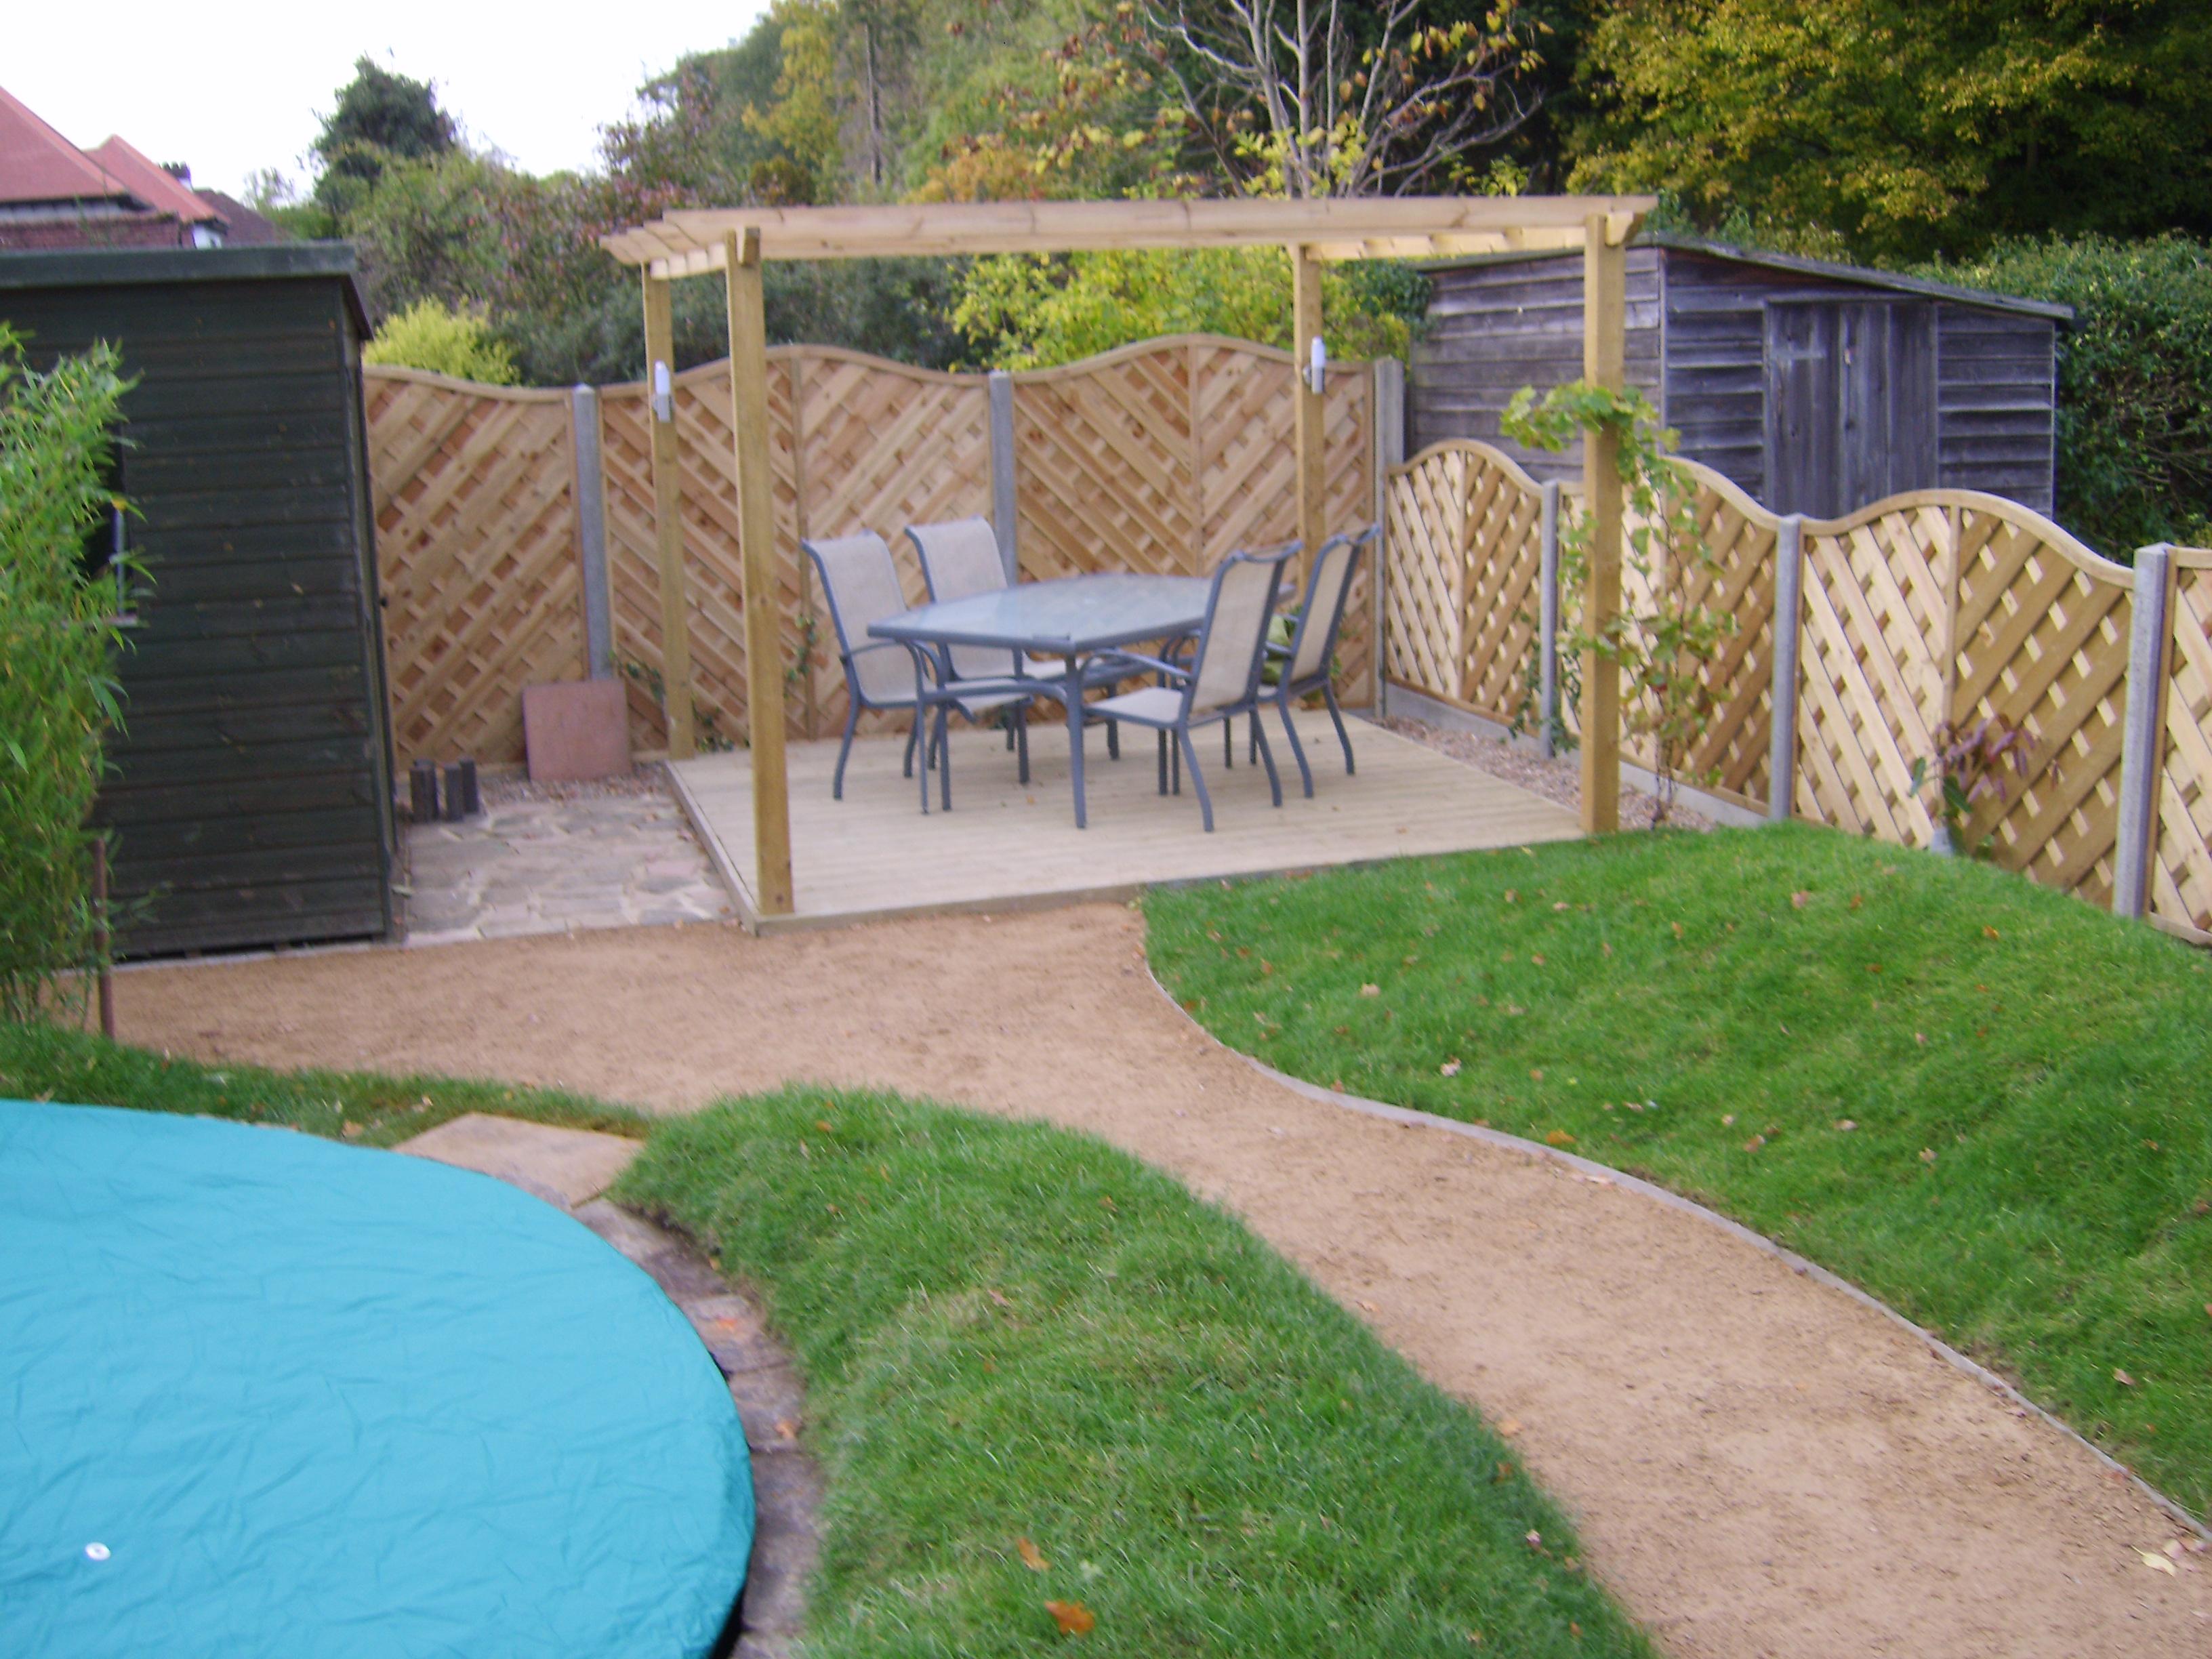 sunken trampoline bromley garden design - Garden Design Kids